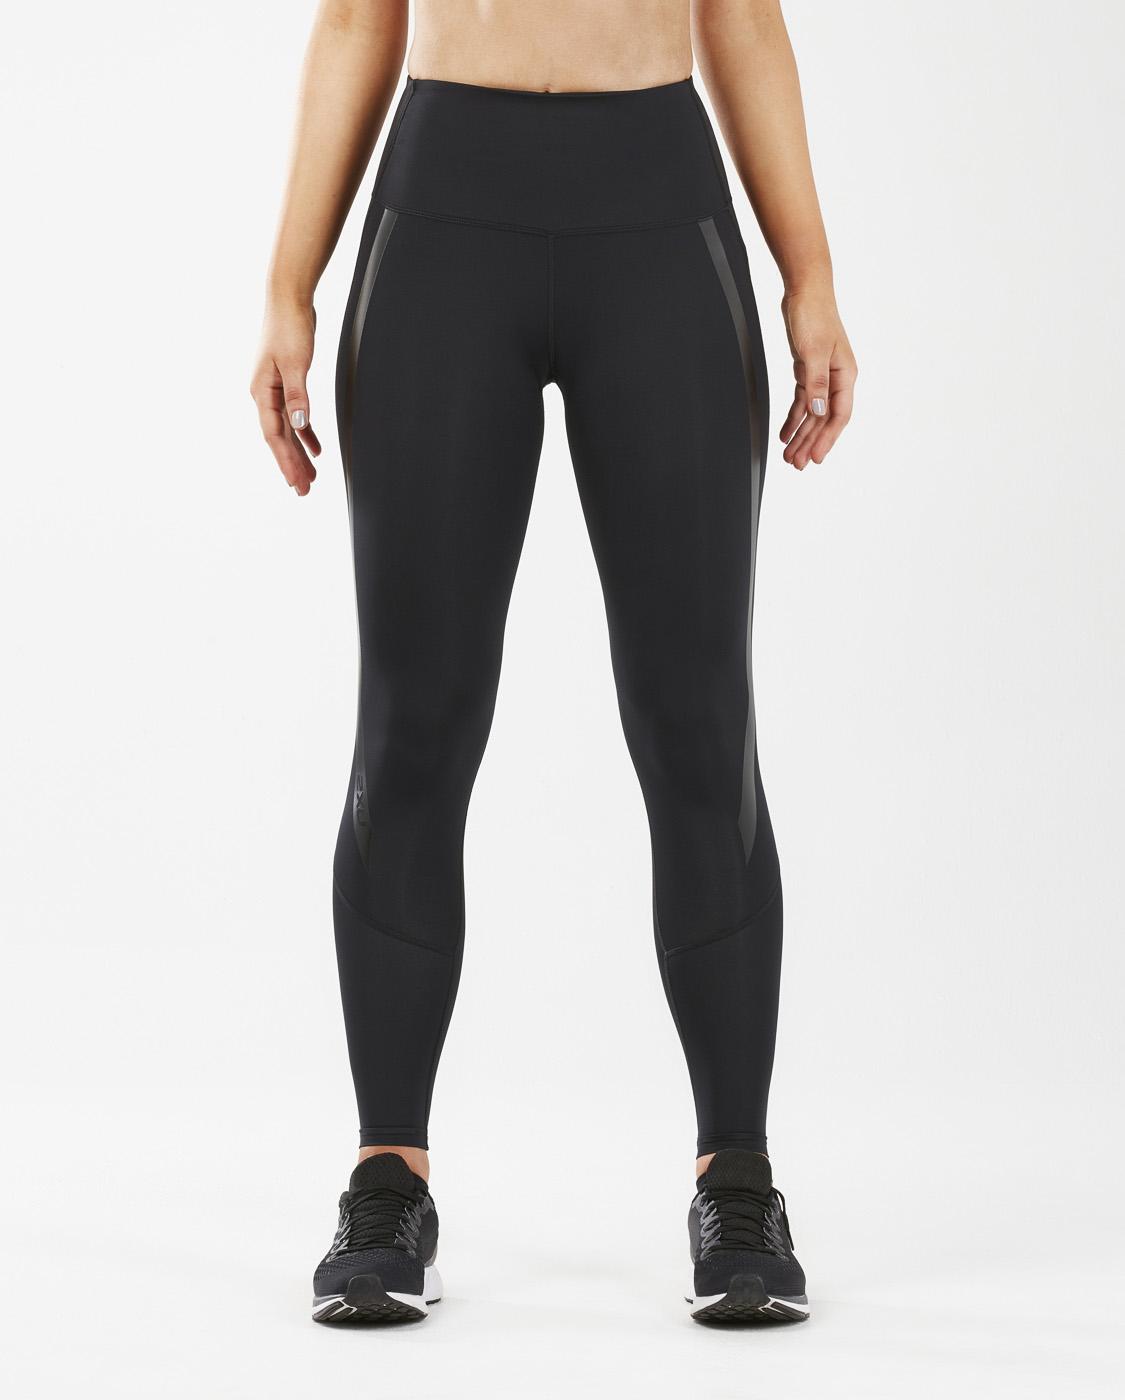 2XU Women's Hi-Rise Compression Tights - Black/Nero